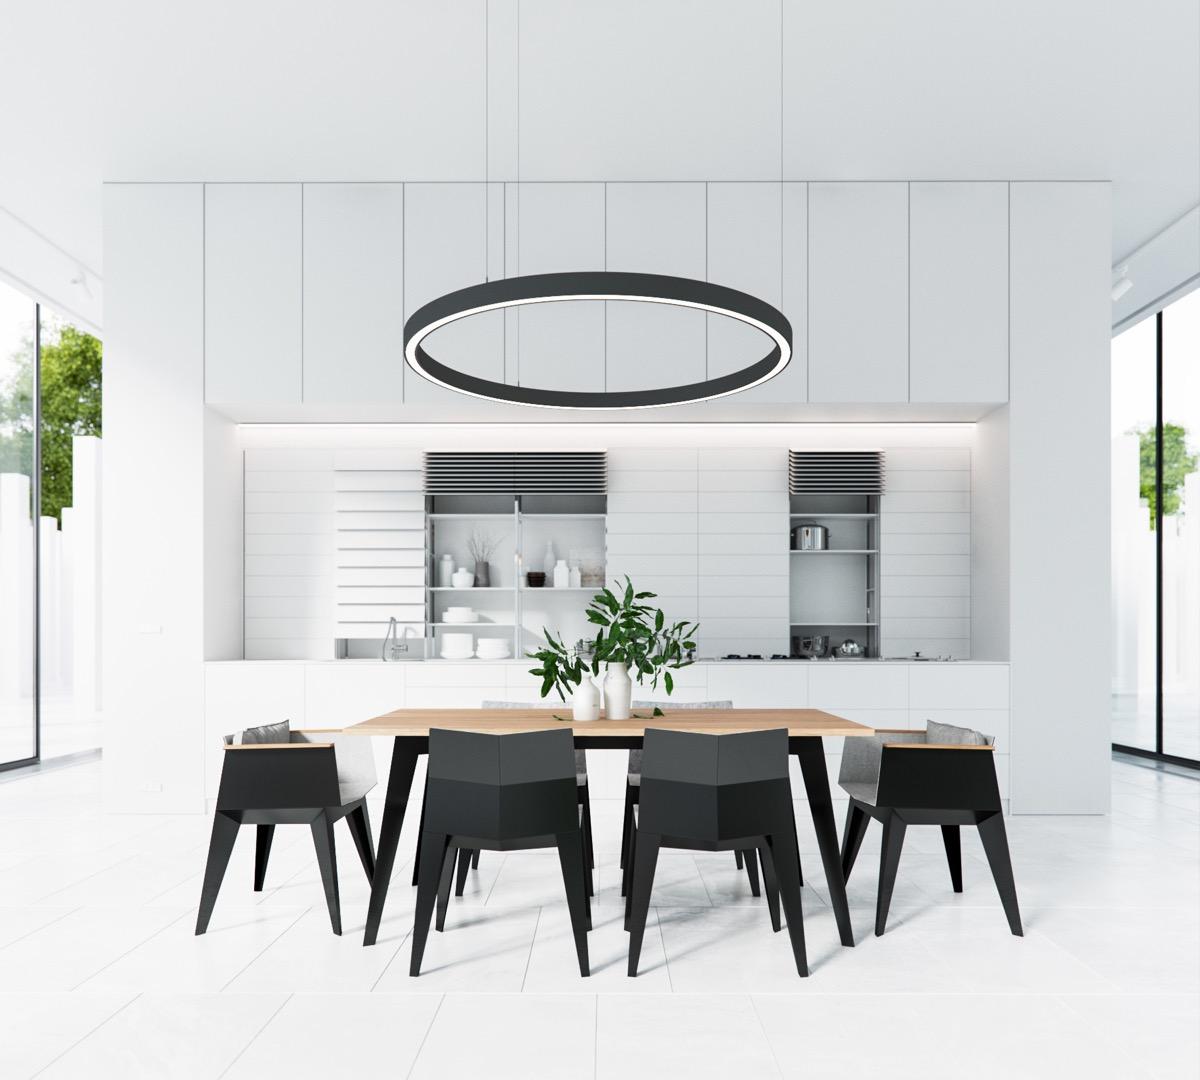 Hình ảnh phòng ăn màu đen trắng nổi bật với đèn chùm hình tròn lớn, ghế ăn hình học